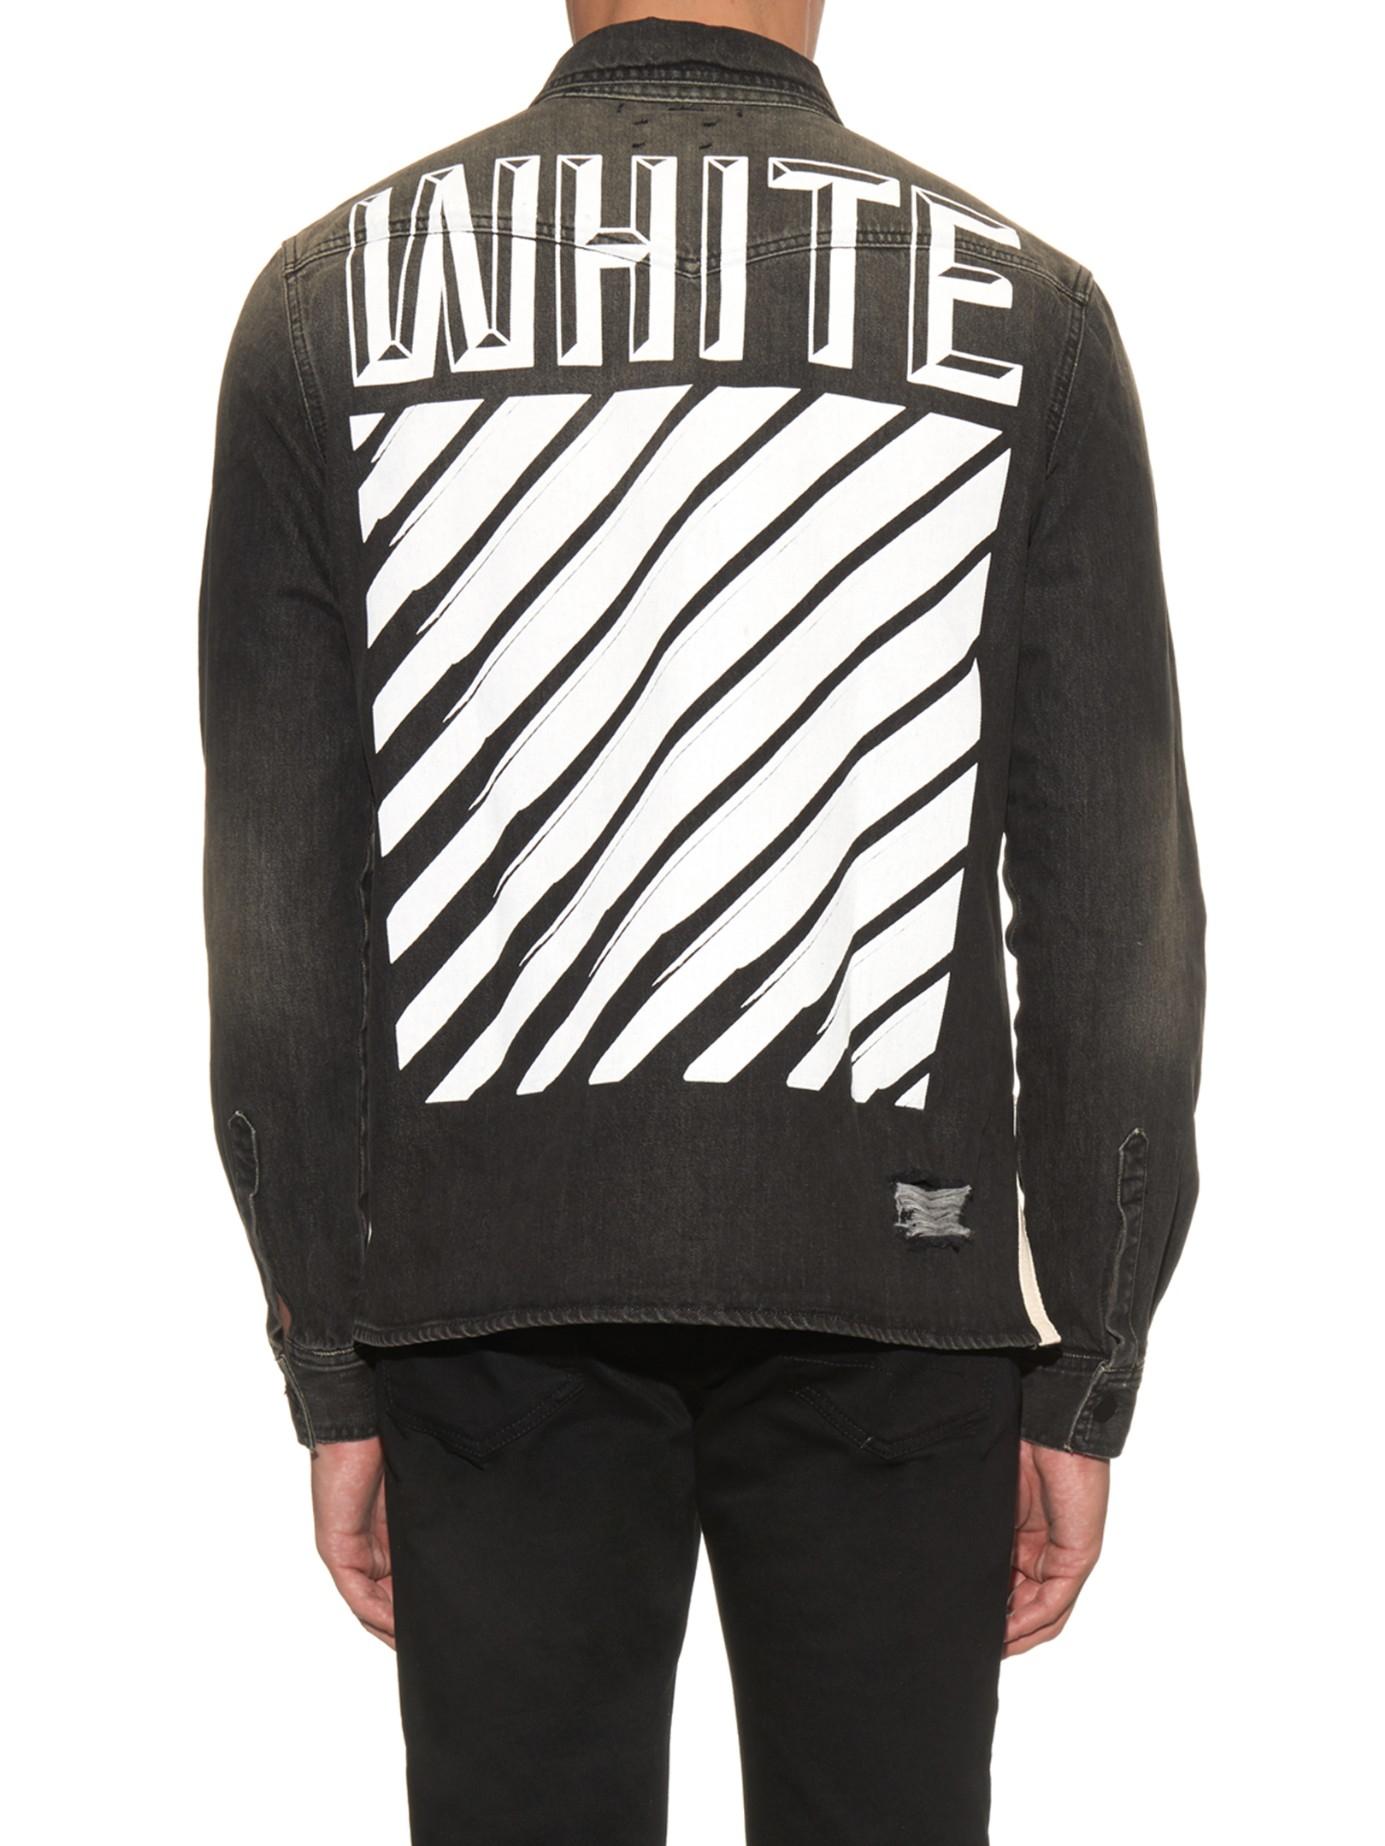 Off-white c/o virgil abloh Printed Denim Shirt in Black for Men | Lyst